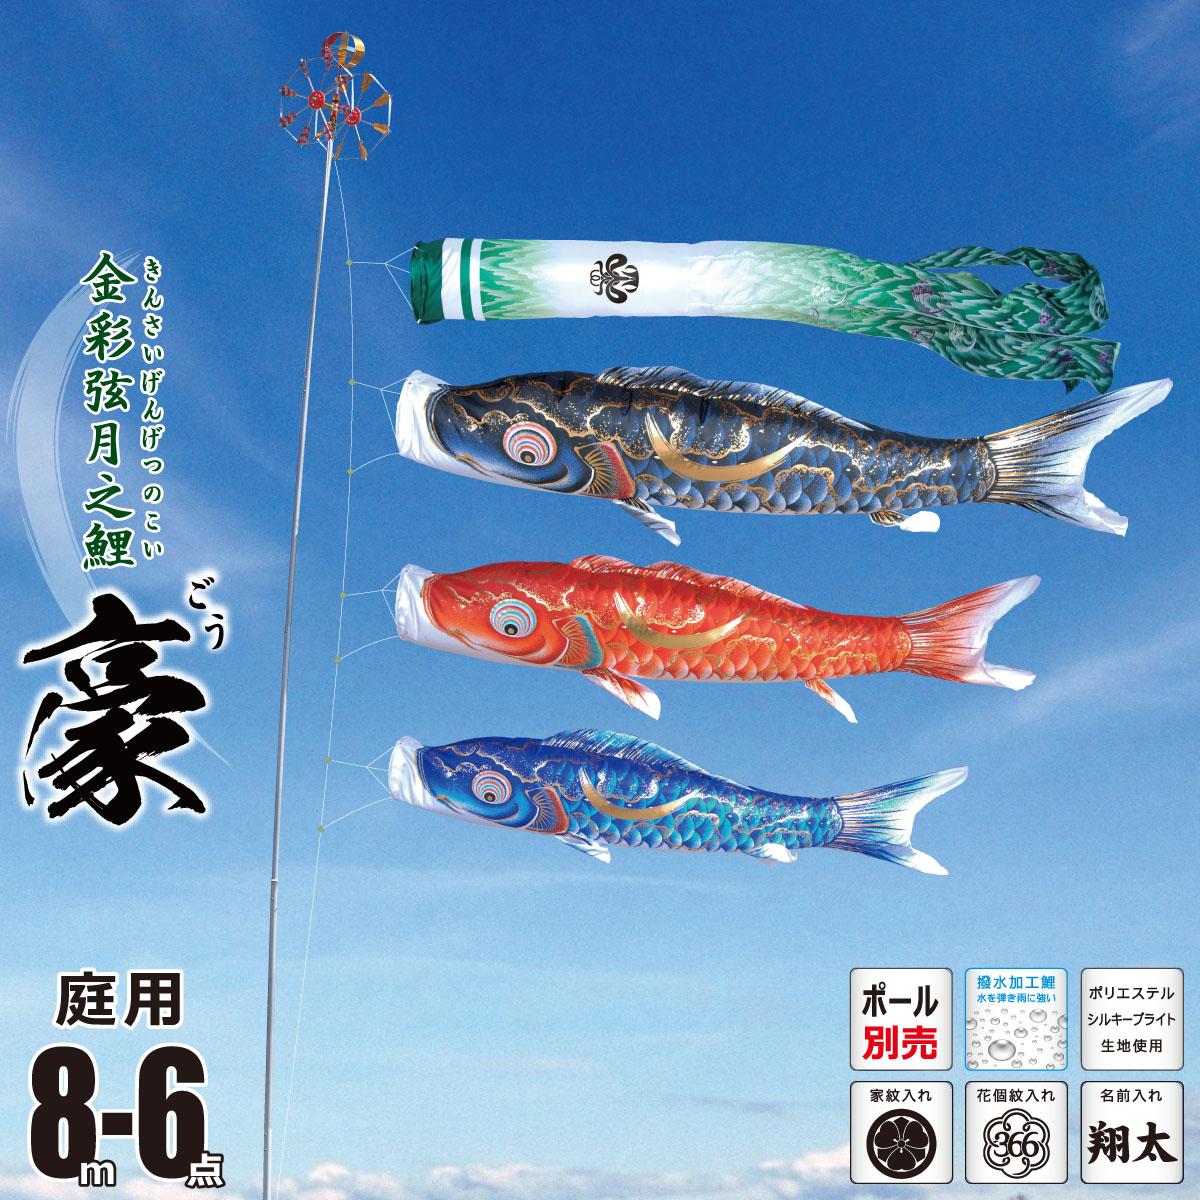 こいのぼり 8m 豪(ごう) 6点 (矢車、ロープ、吹流し、鯉3匹) 庭園用 (ポール別売り) 徳永鯉のぼり KIT-001-803